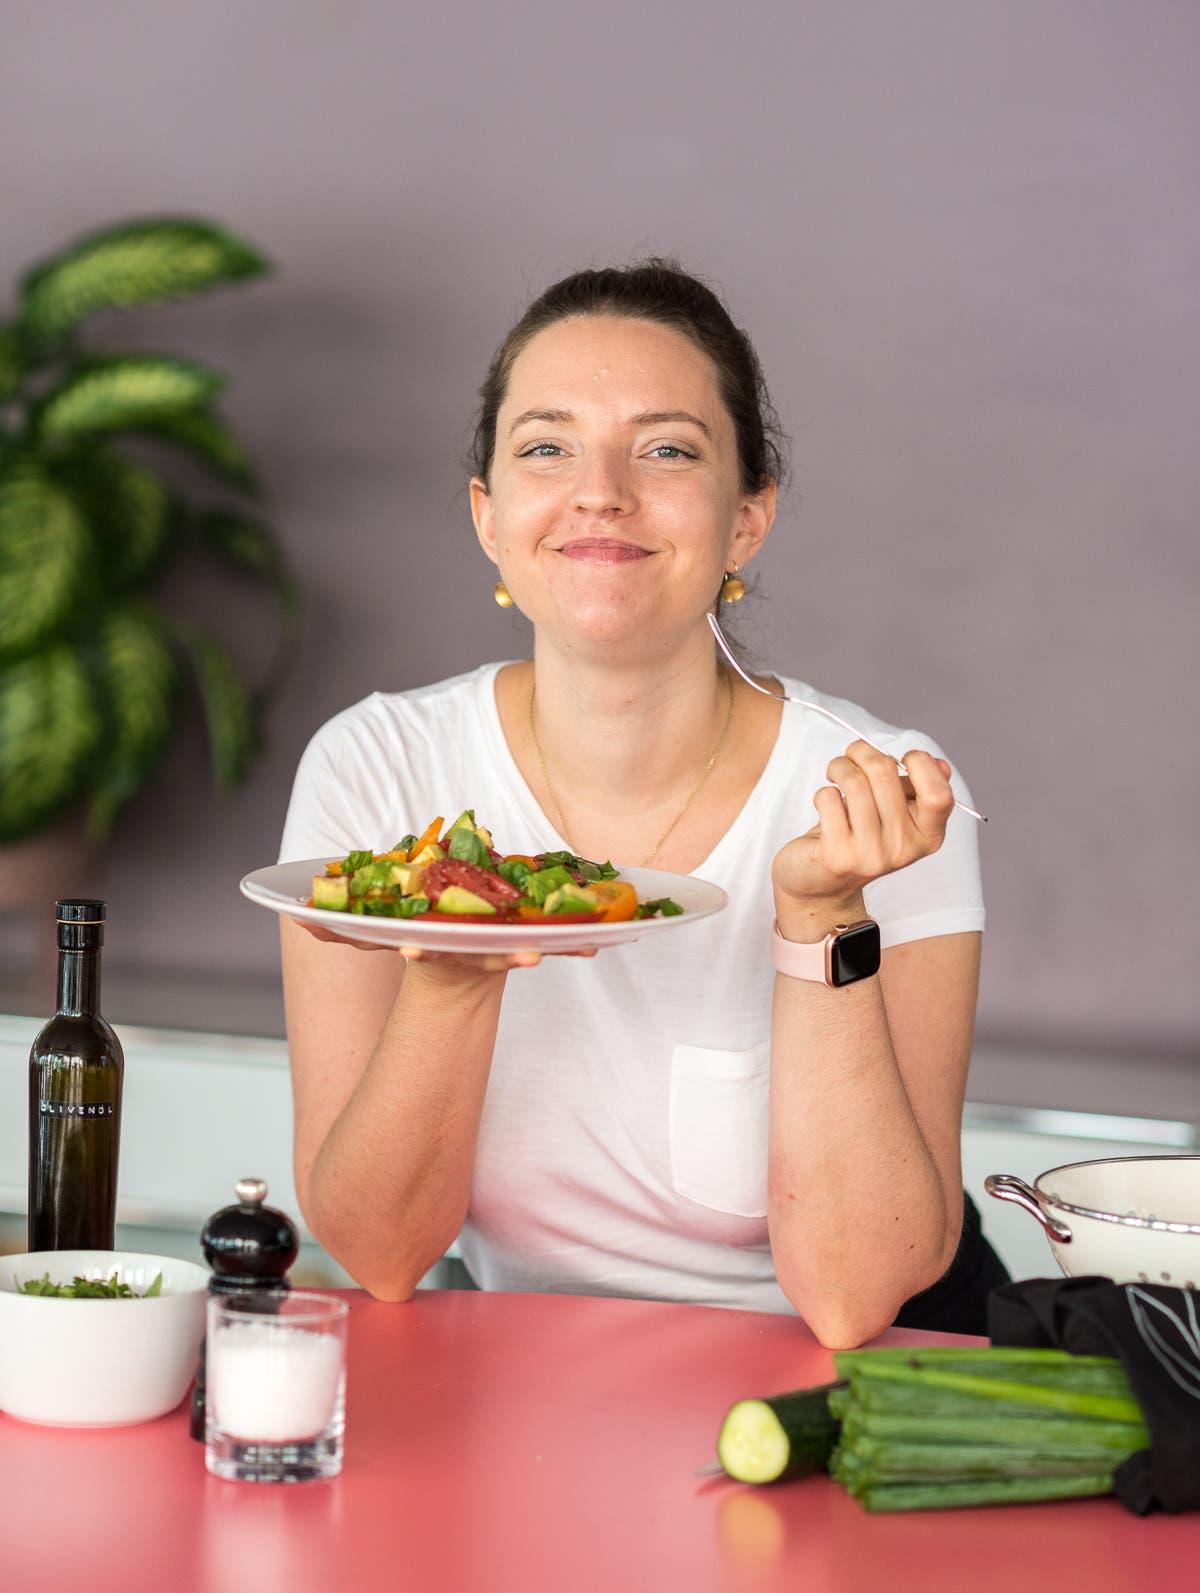 Frau hält Teller und Gabel in ihren Händen und lächelt in die Kamera